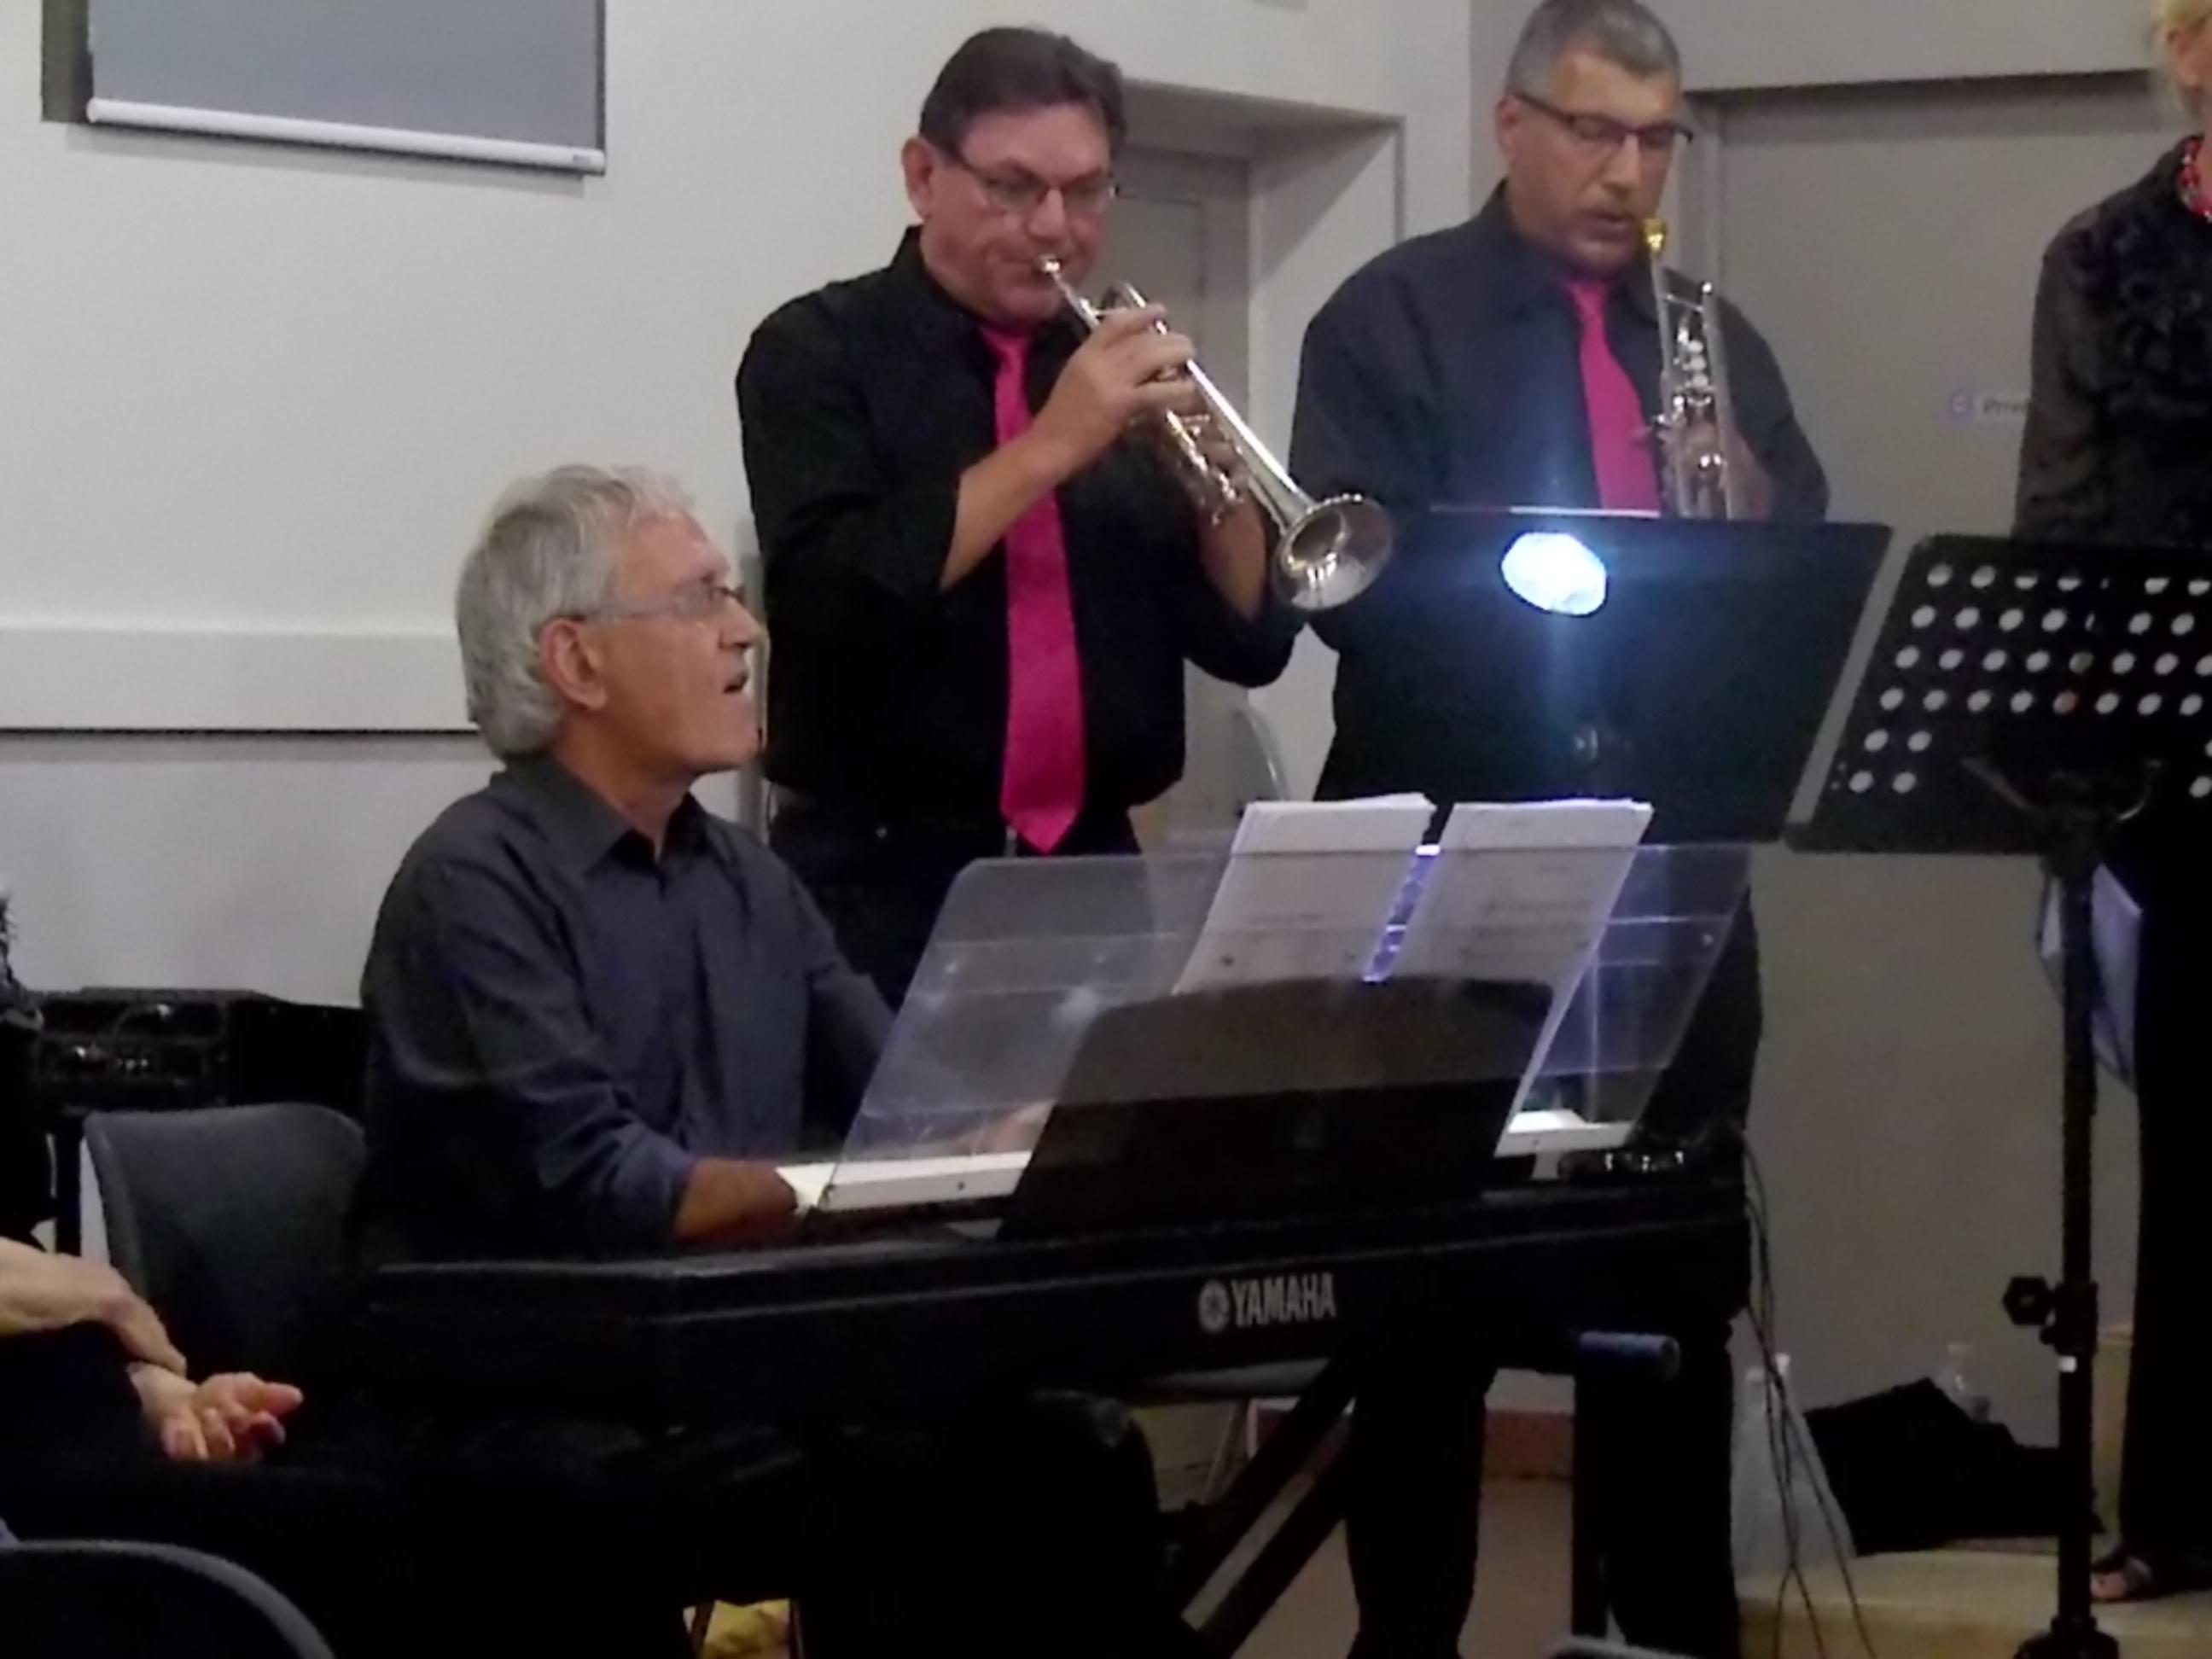 Les trompettiste et le pianiste a l'oeuvre